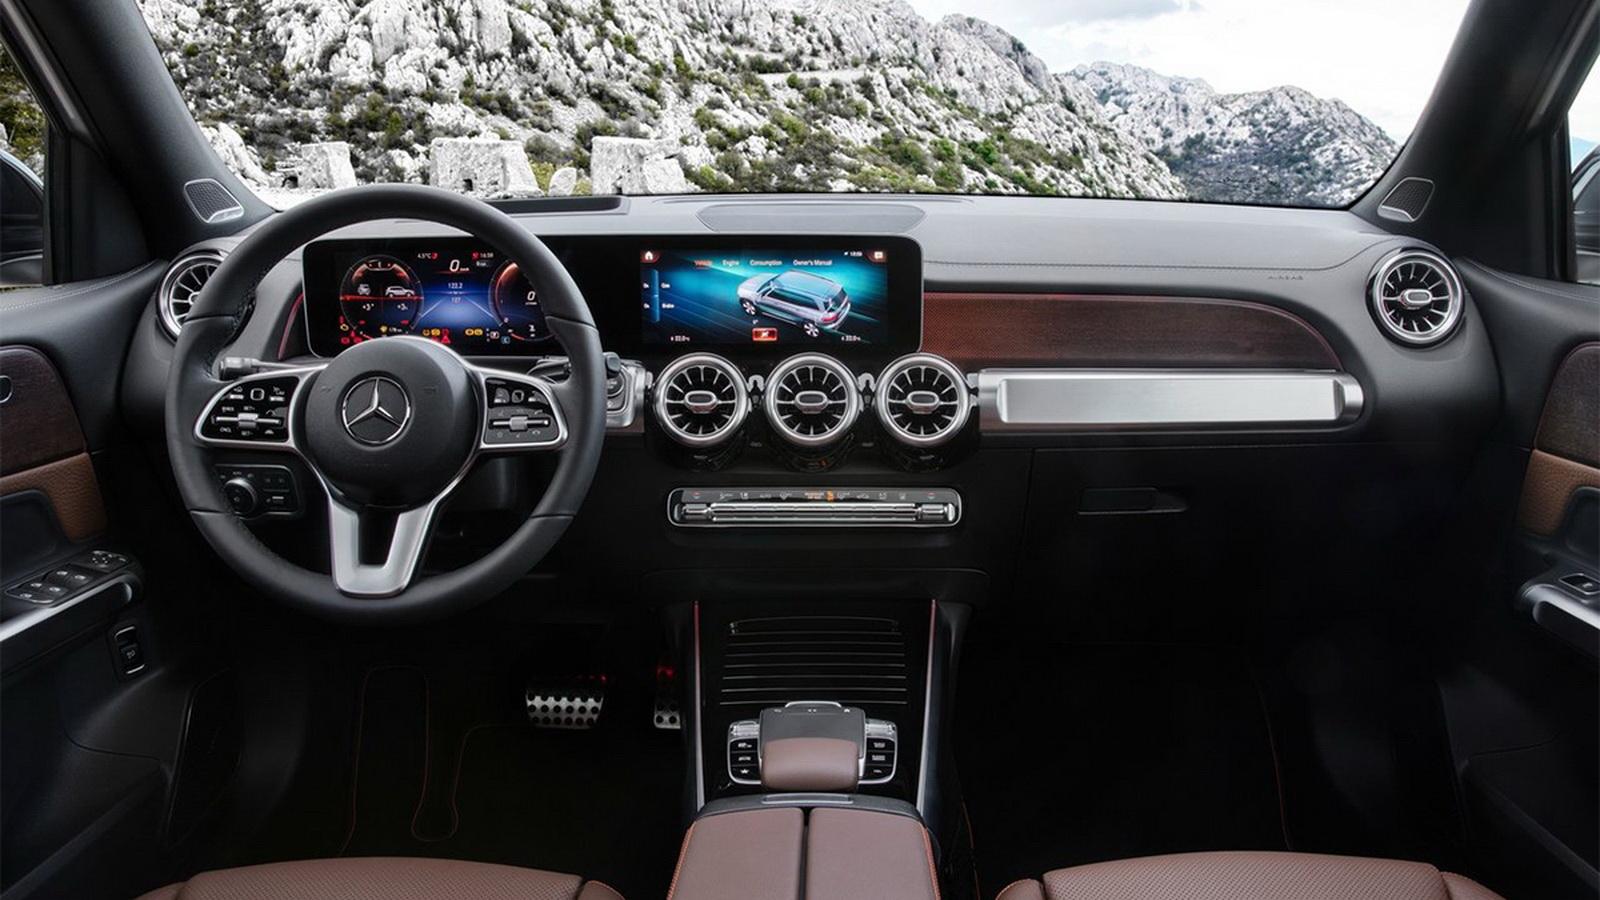 圖/2020 M-Benz GLB 200d擁有寬大的座艙,座艙內採用大量的金屬元素,彰顯出強烈的硬派氣息。